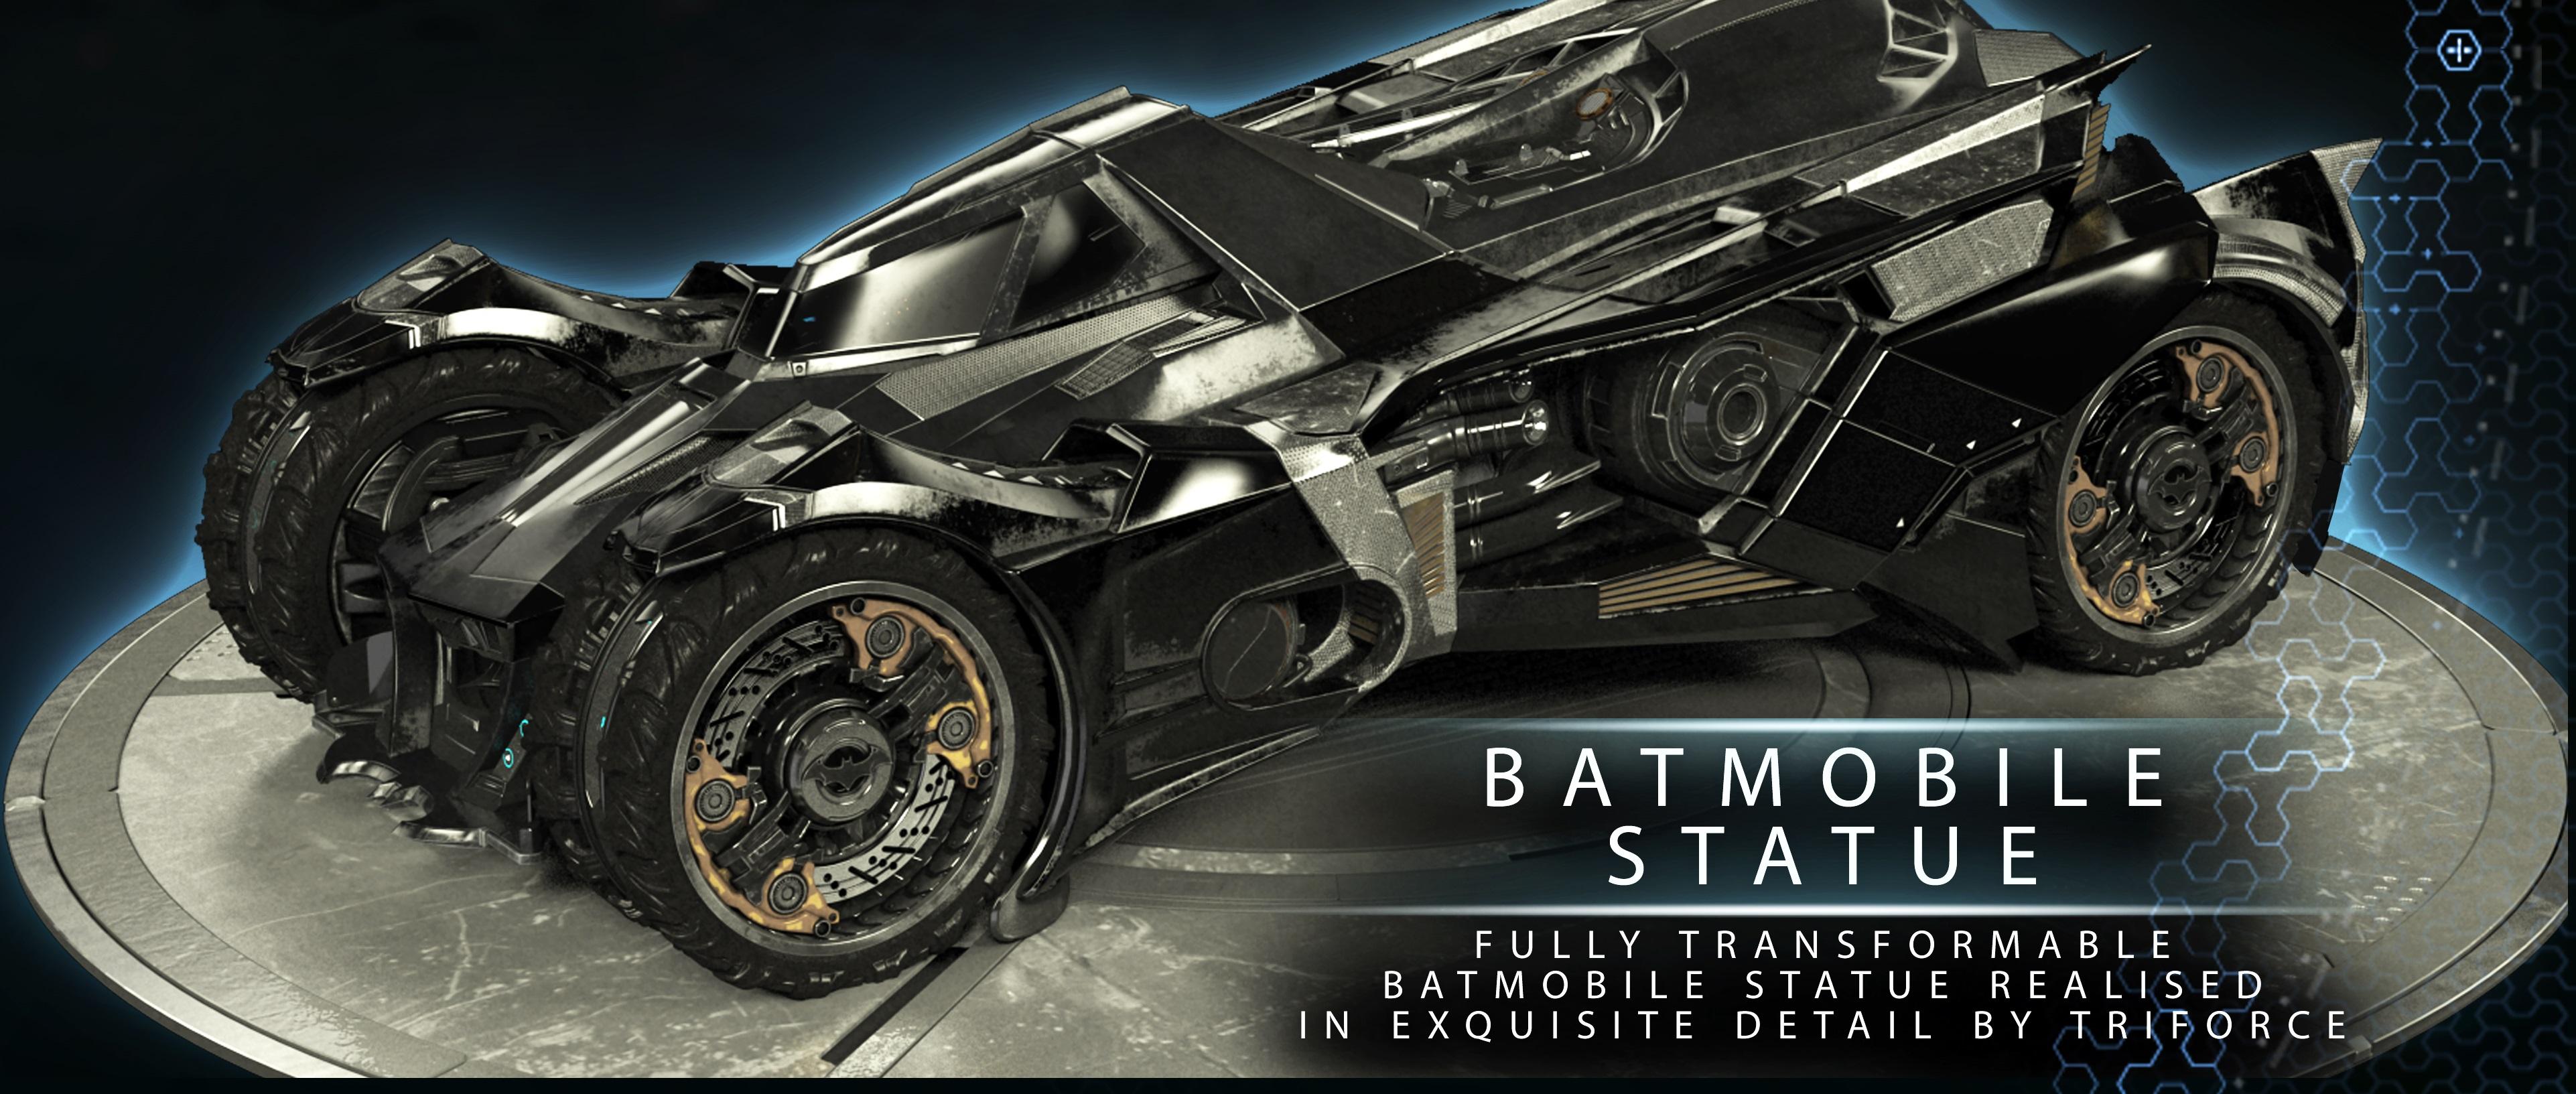 Batmobile 2 Cool Hd Wallpaper